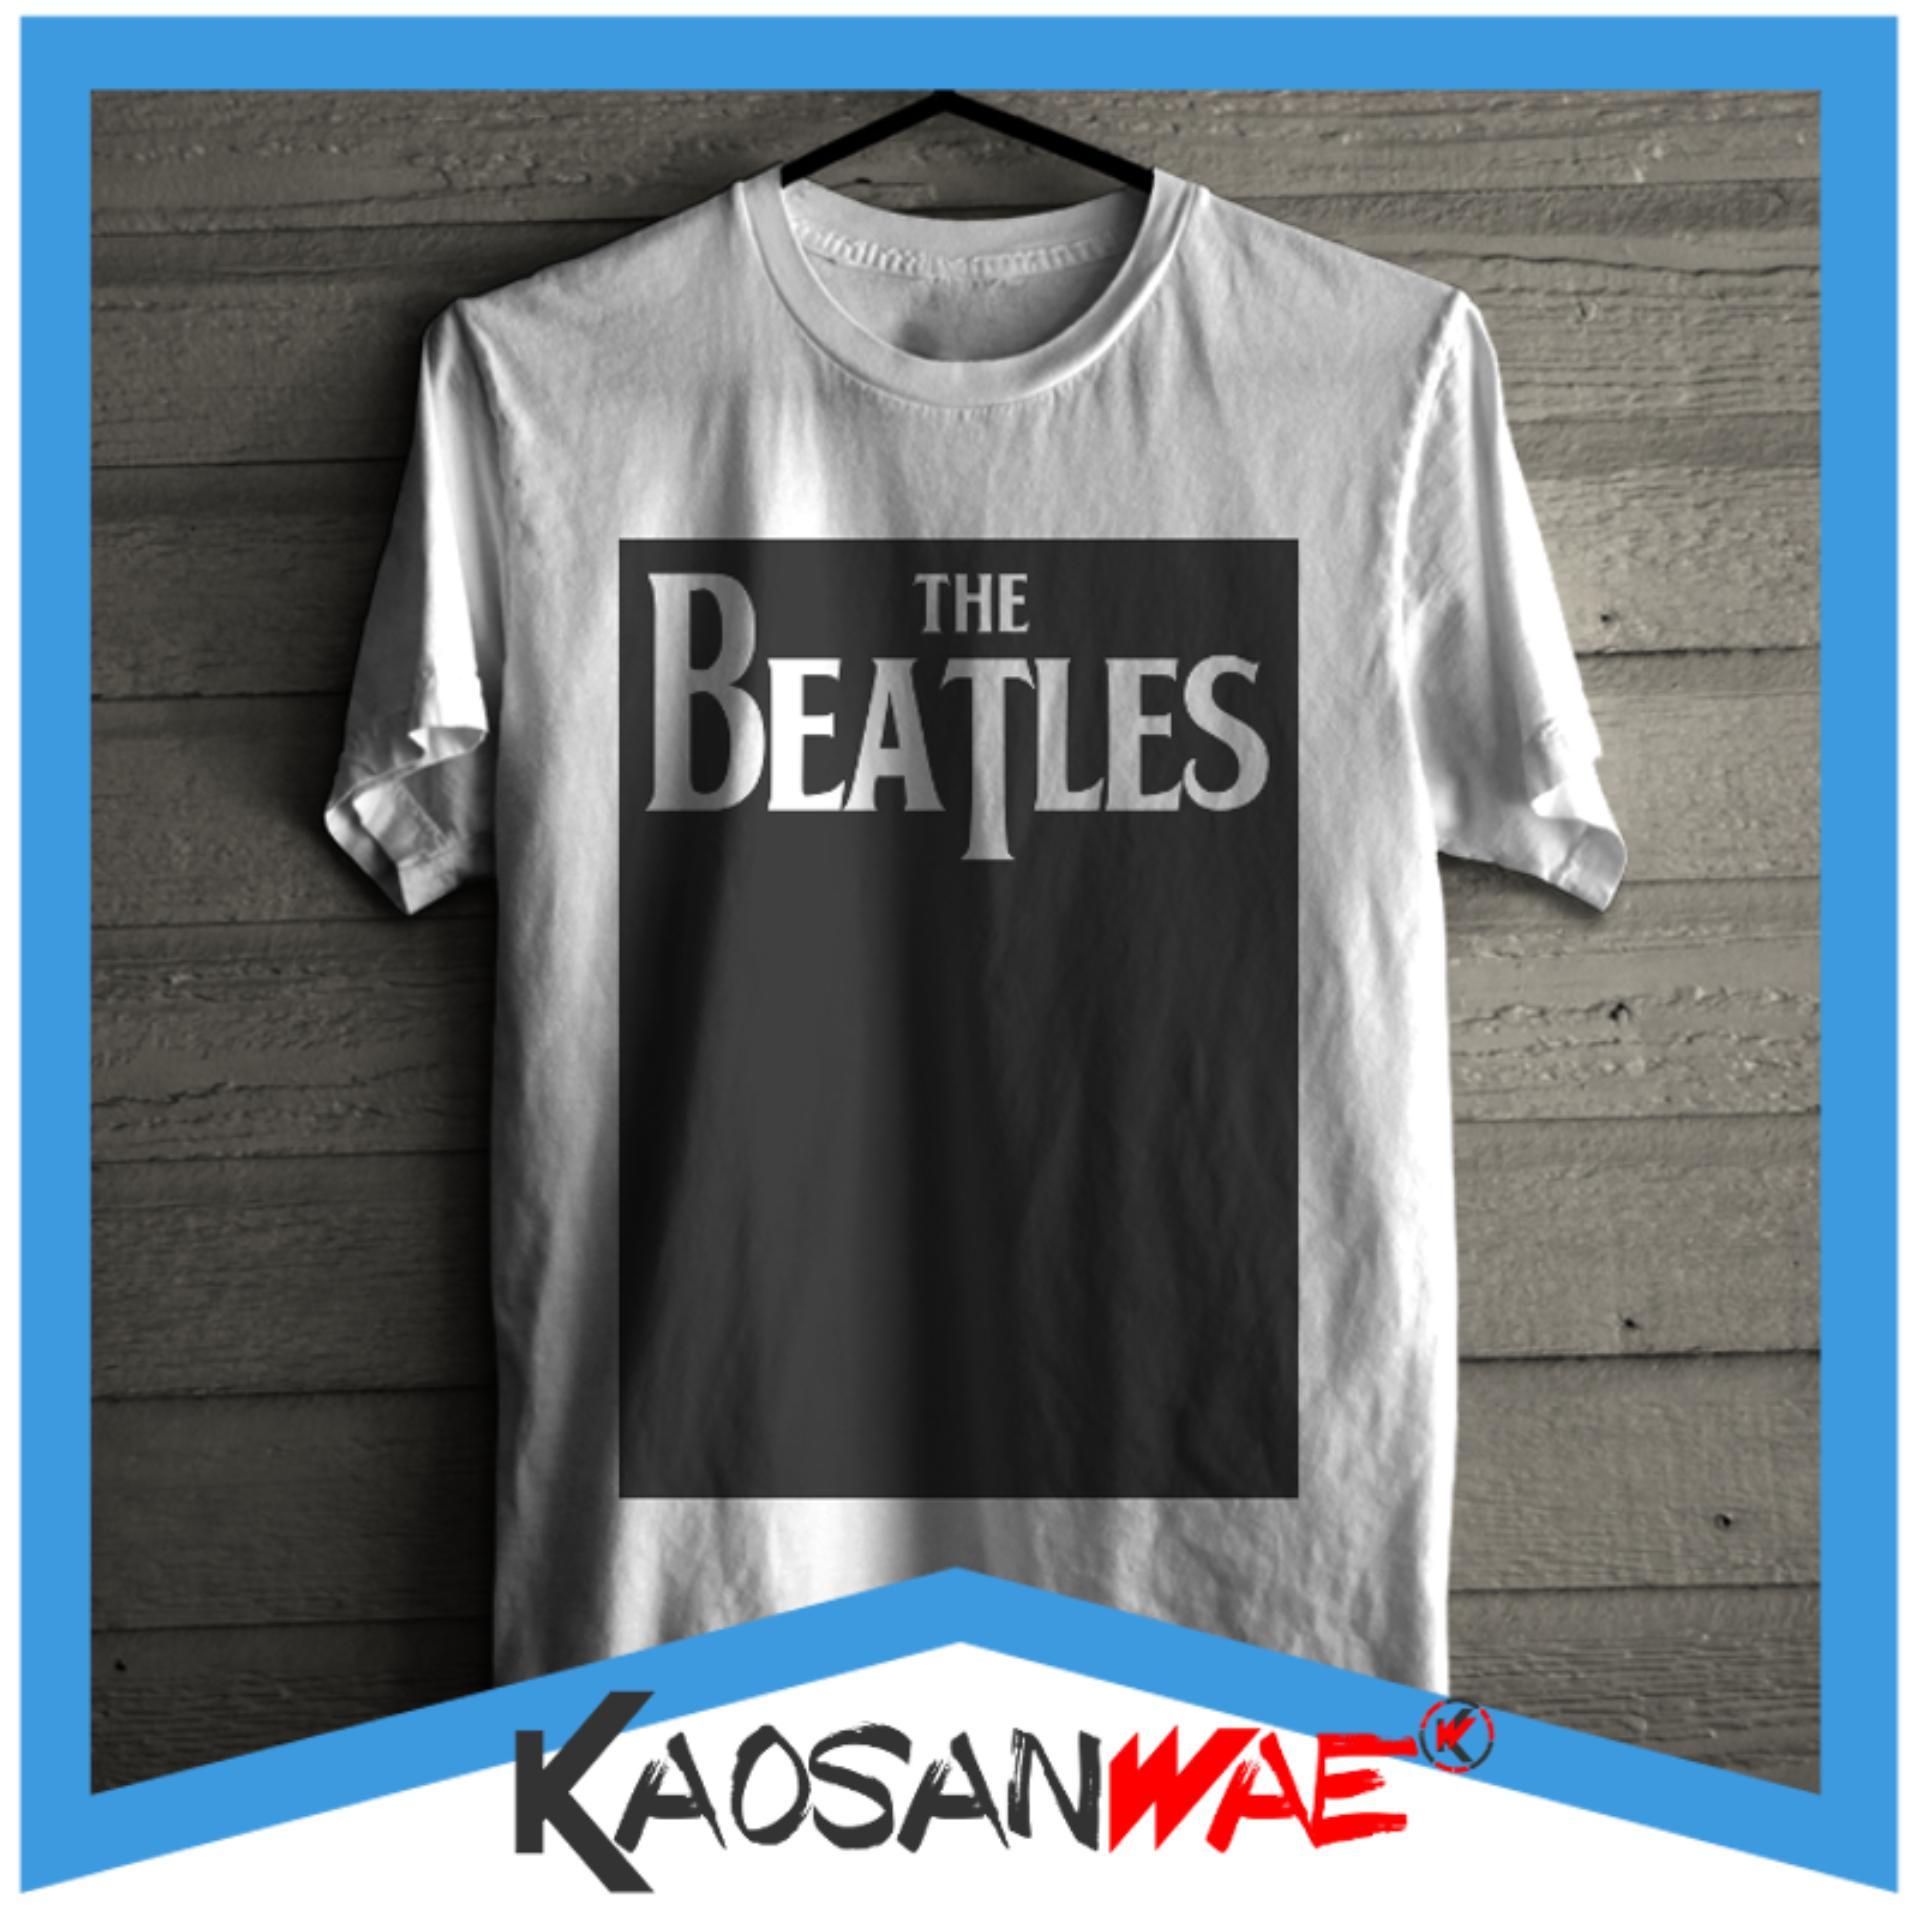 Kaos The Beatles Logo Band Musik Desain Blok Tshirt KaosanWae